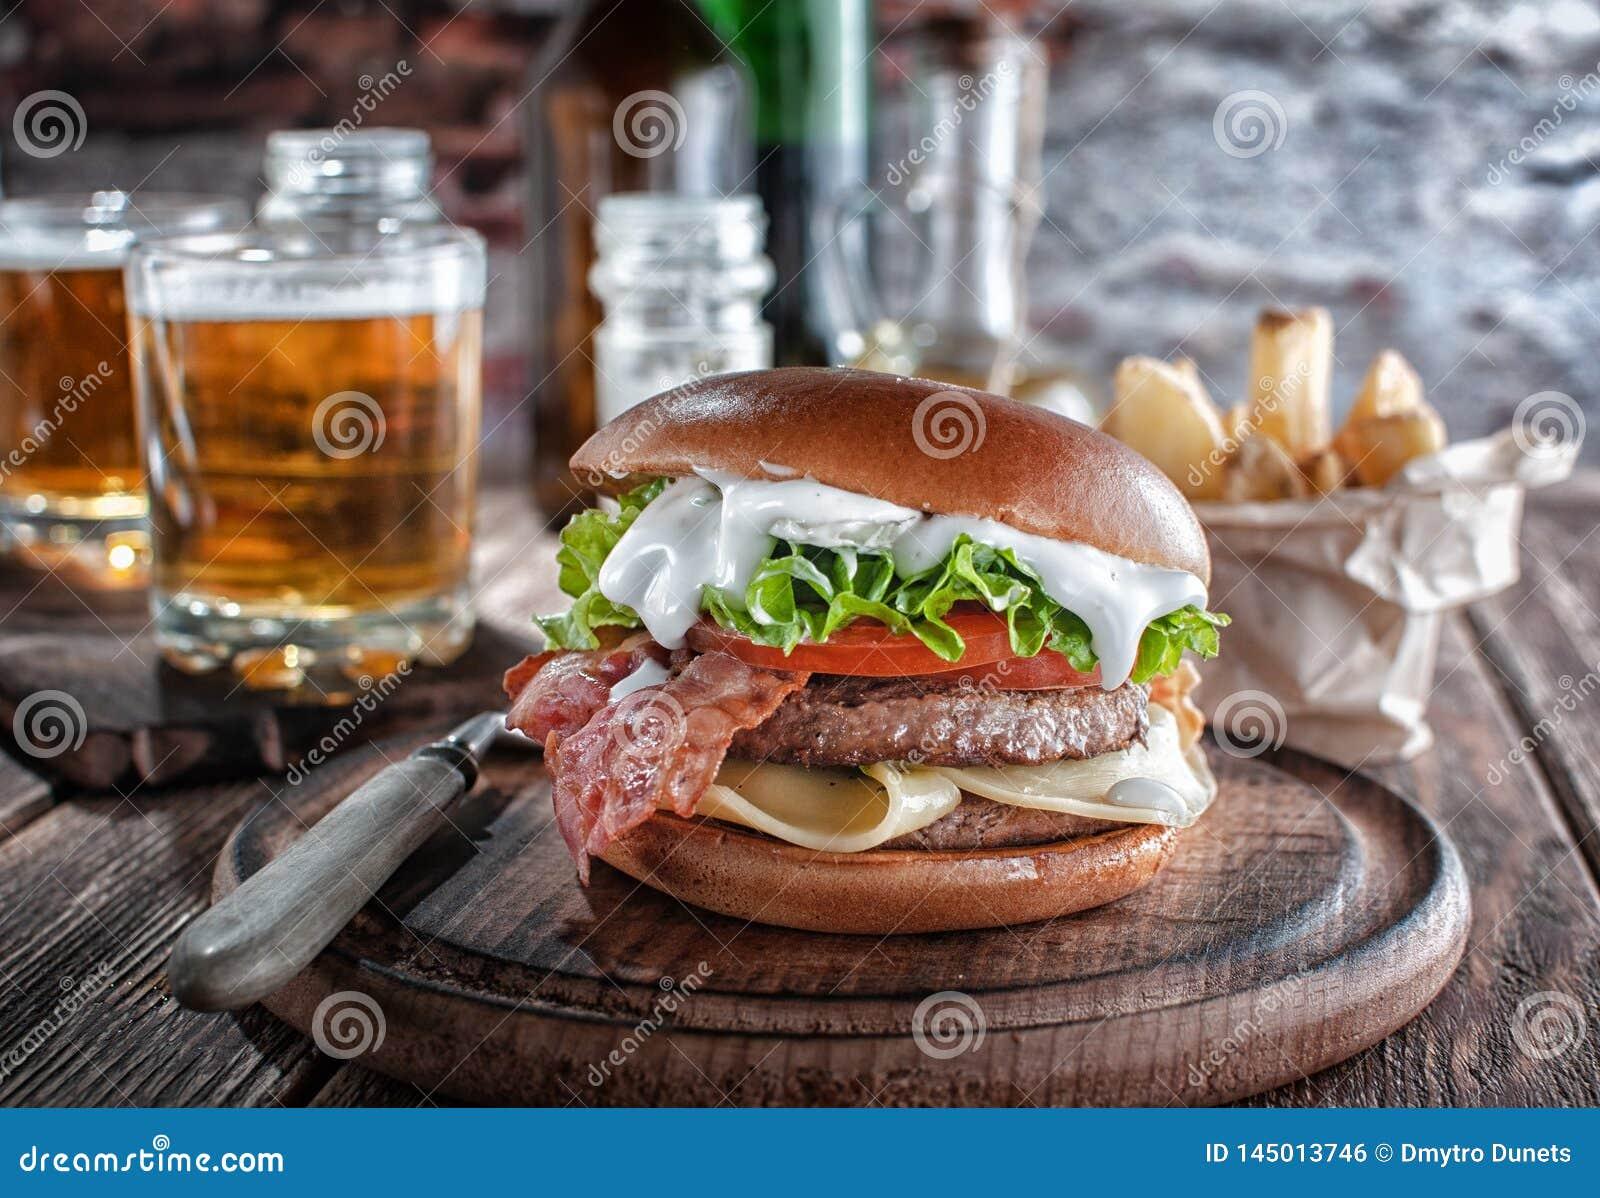 Klavierburger mit Speck und Kotelett mit Käse, Tomate, Grüns